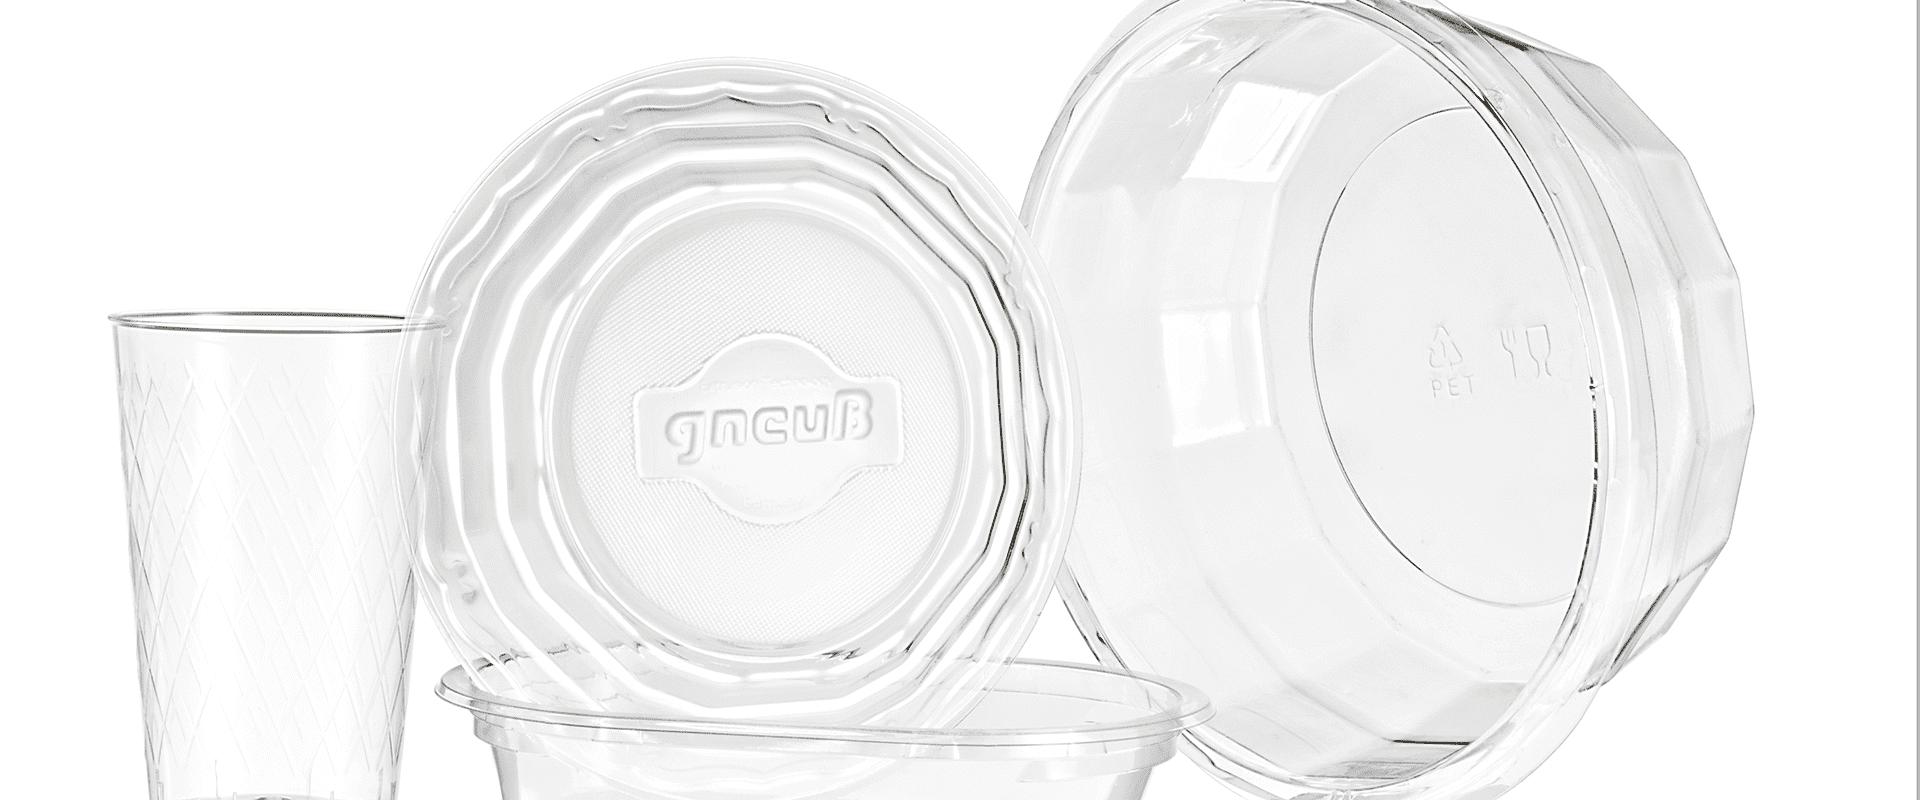 PET-packaging_Gneuss